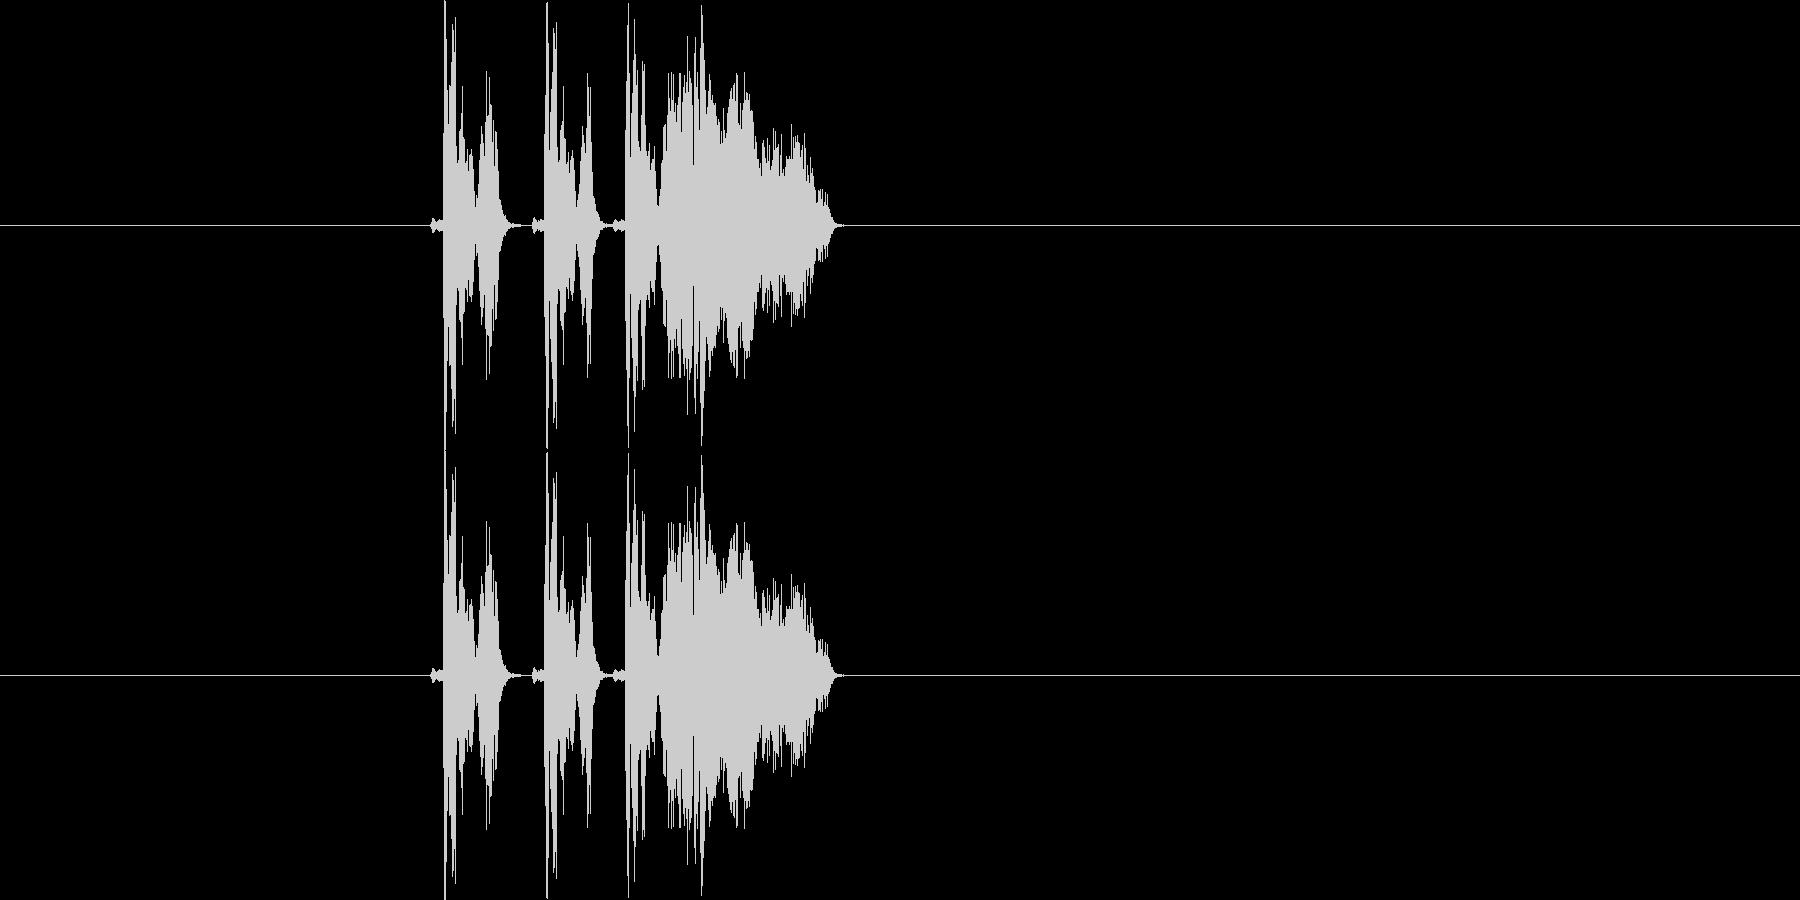 ピピューン(光線が飛んでくる効果音)の未再生の波形